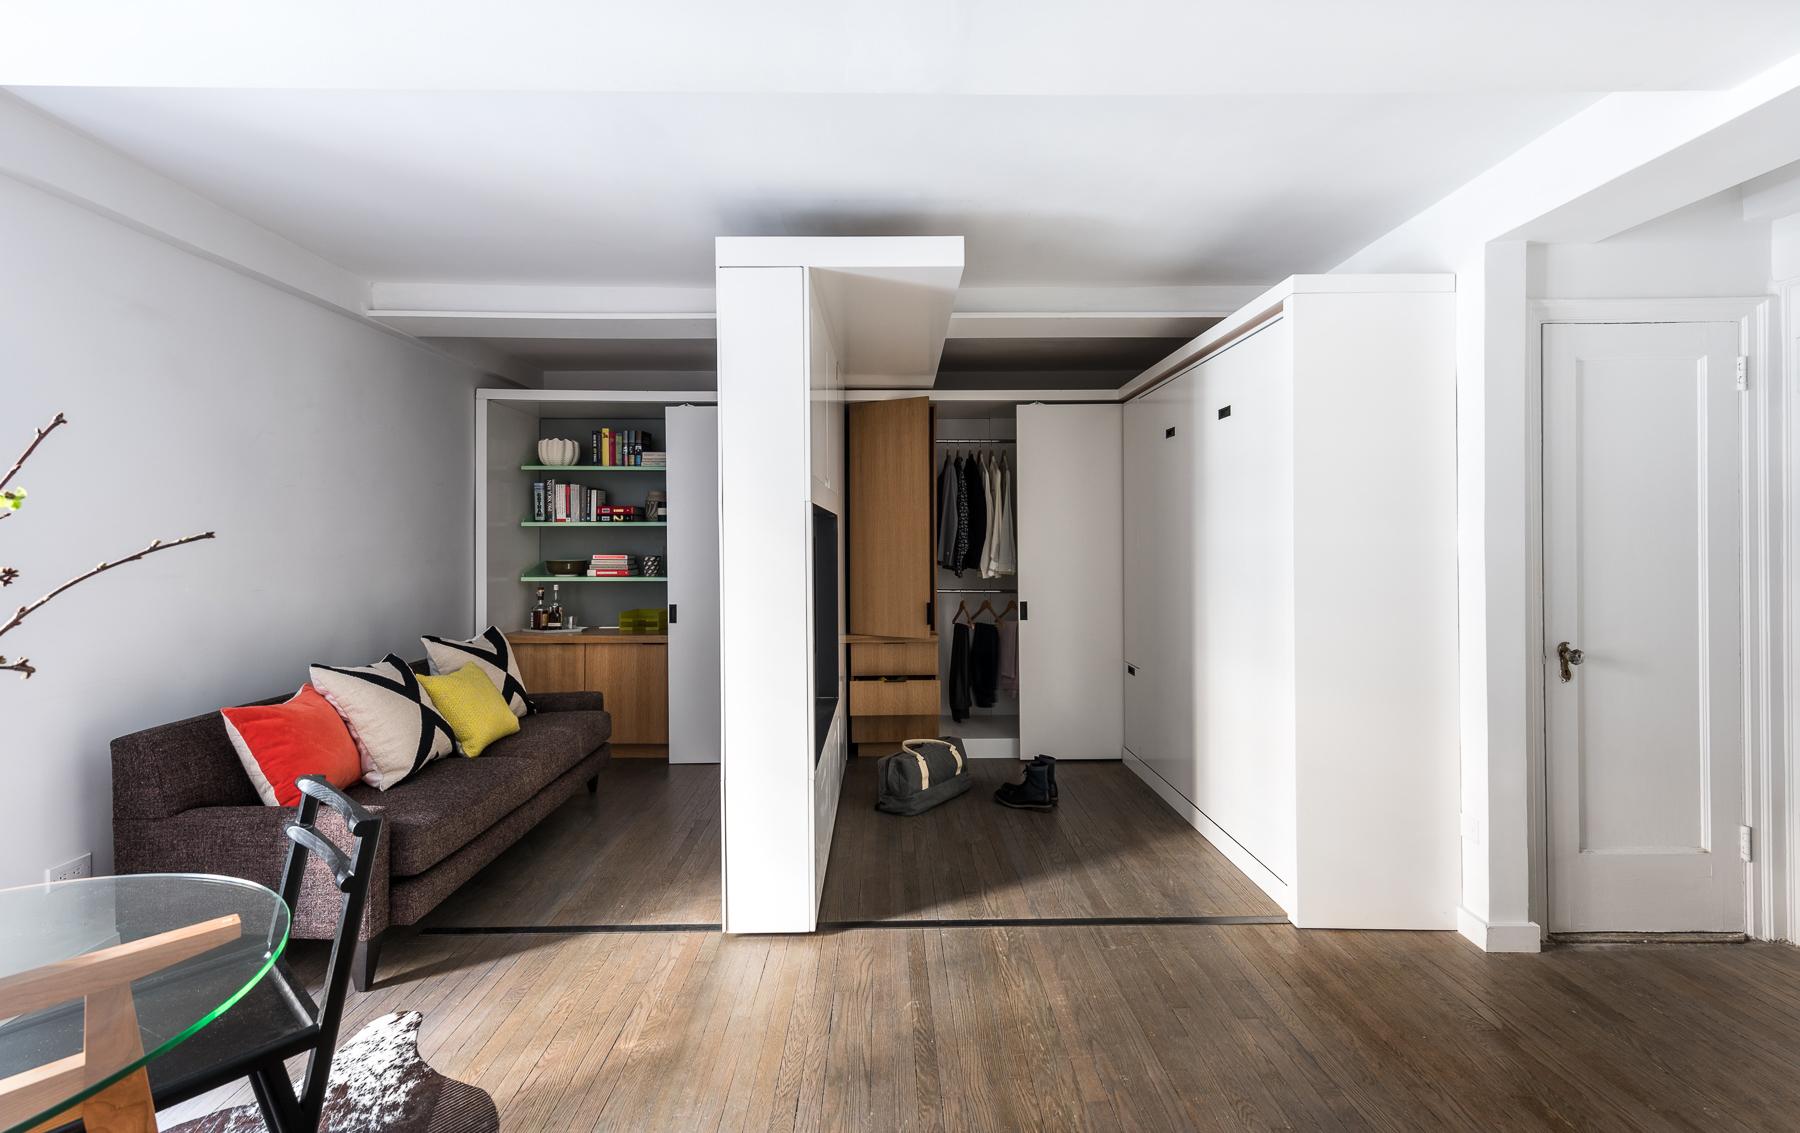 Как сделать комнату уютной без ремонта фото 657